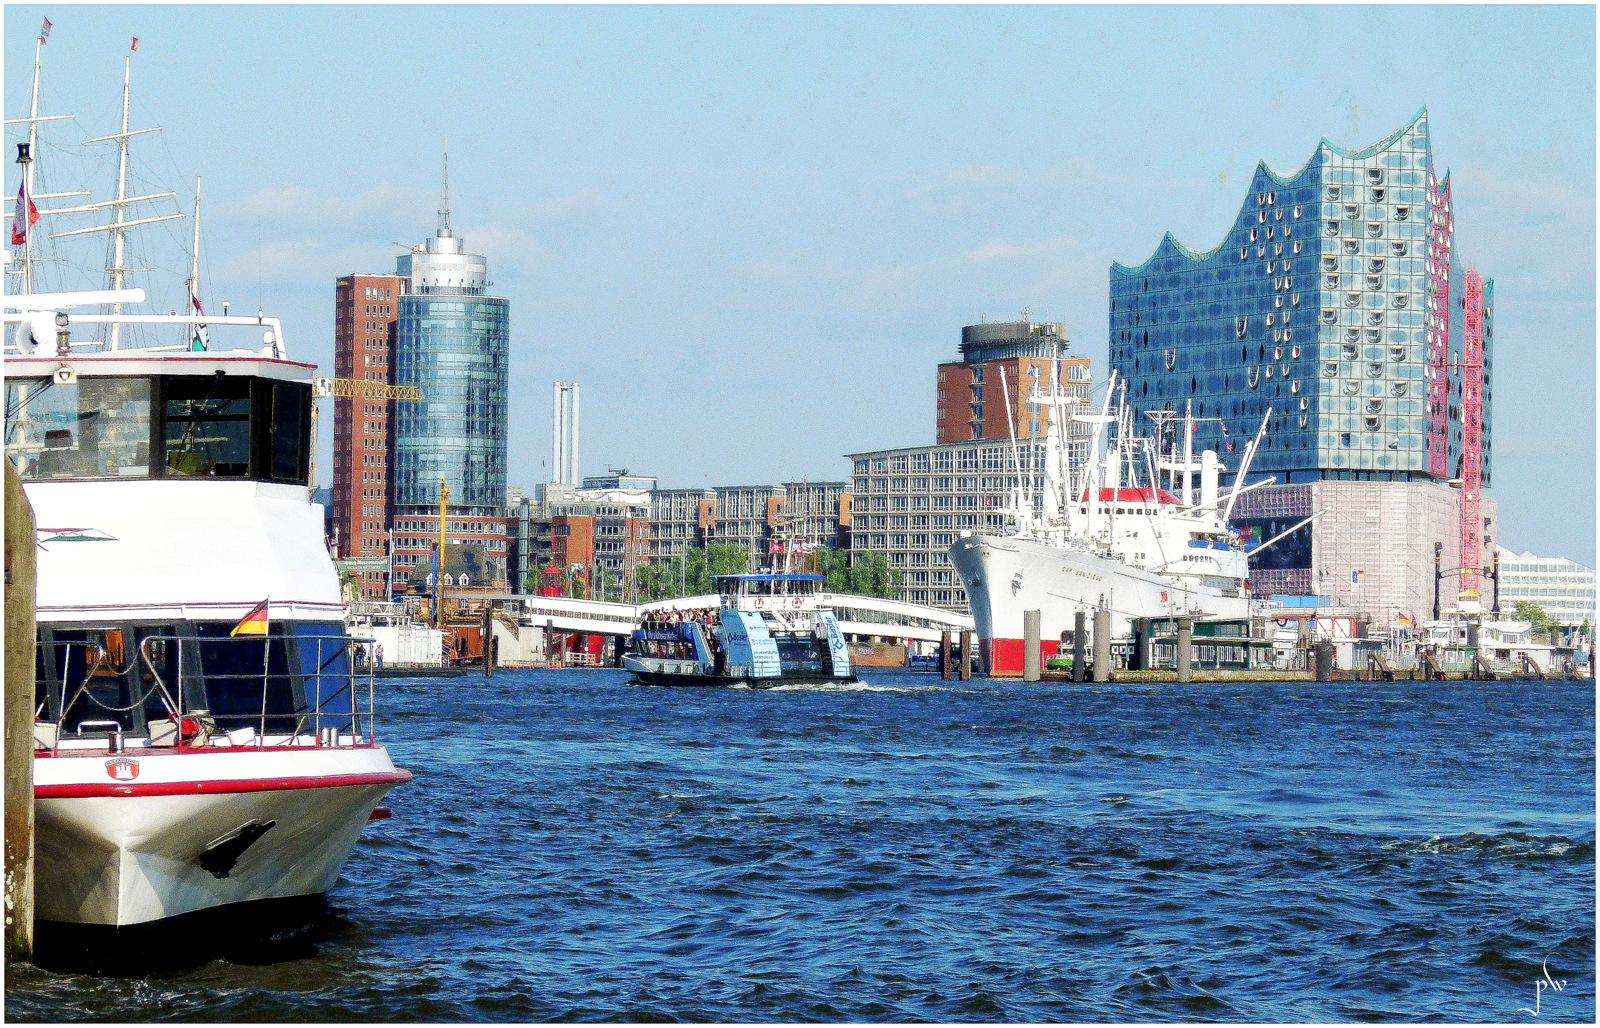 Hafen Hamburg - Kehrwiederspitze